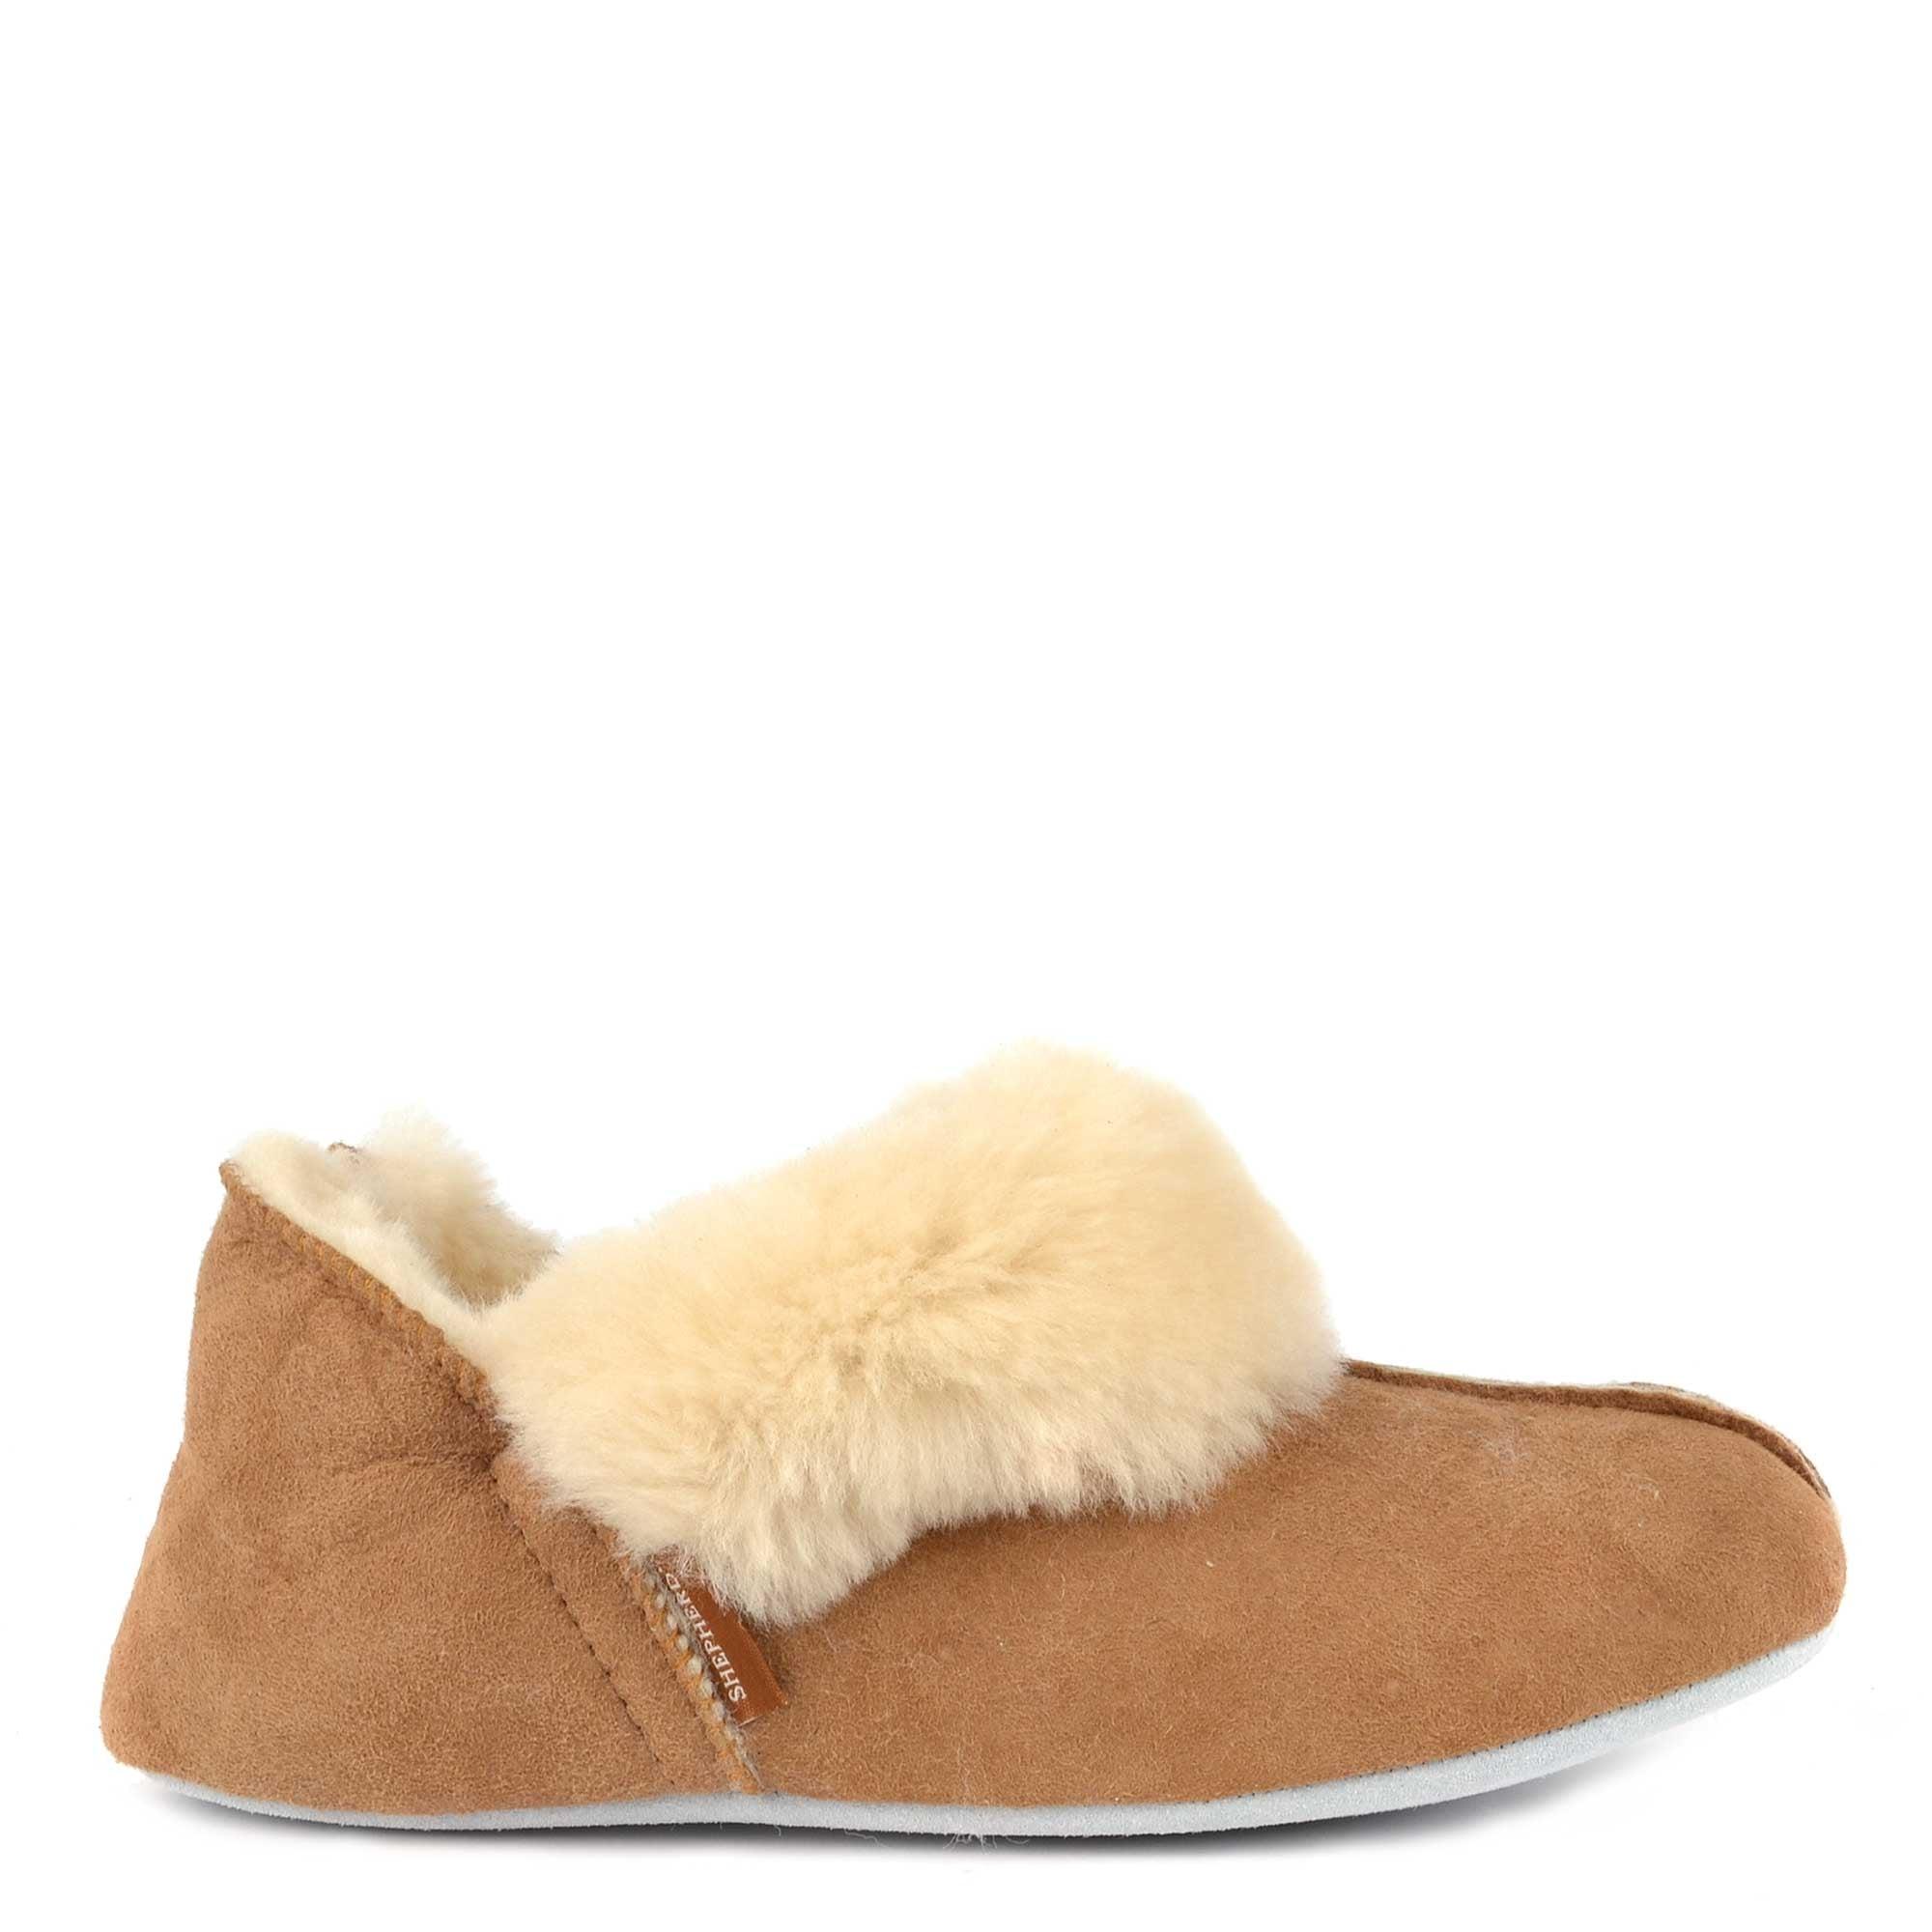 Shepherd of Sweden Nina Stone Sheepskin Slipper Boot